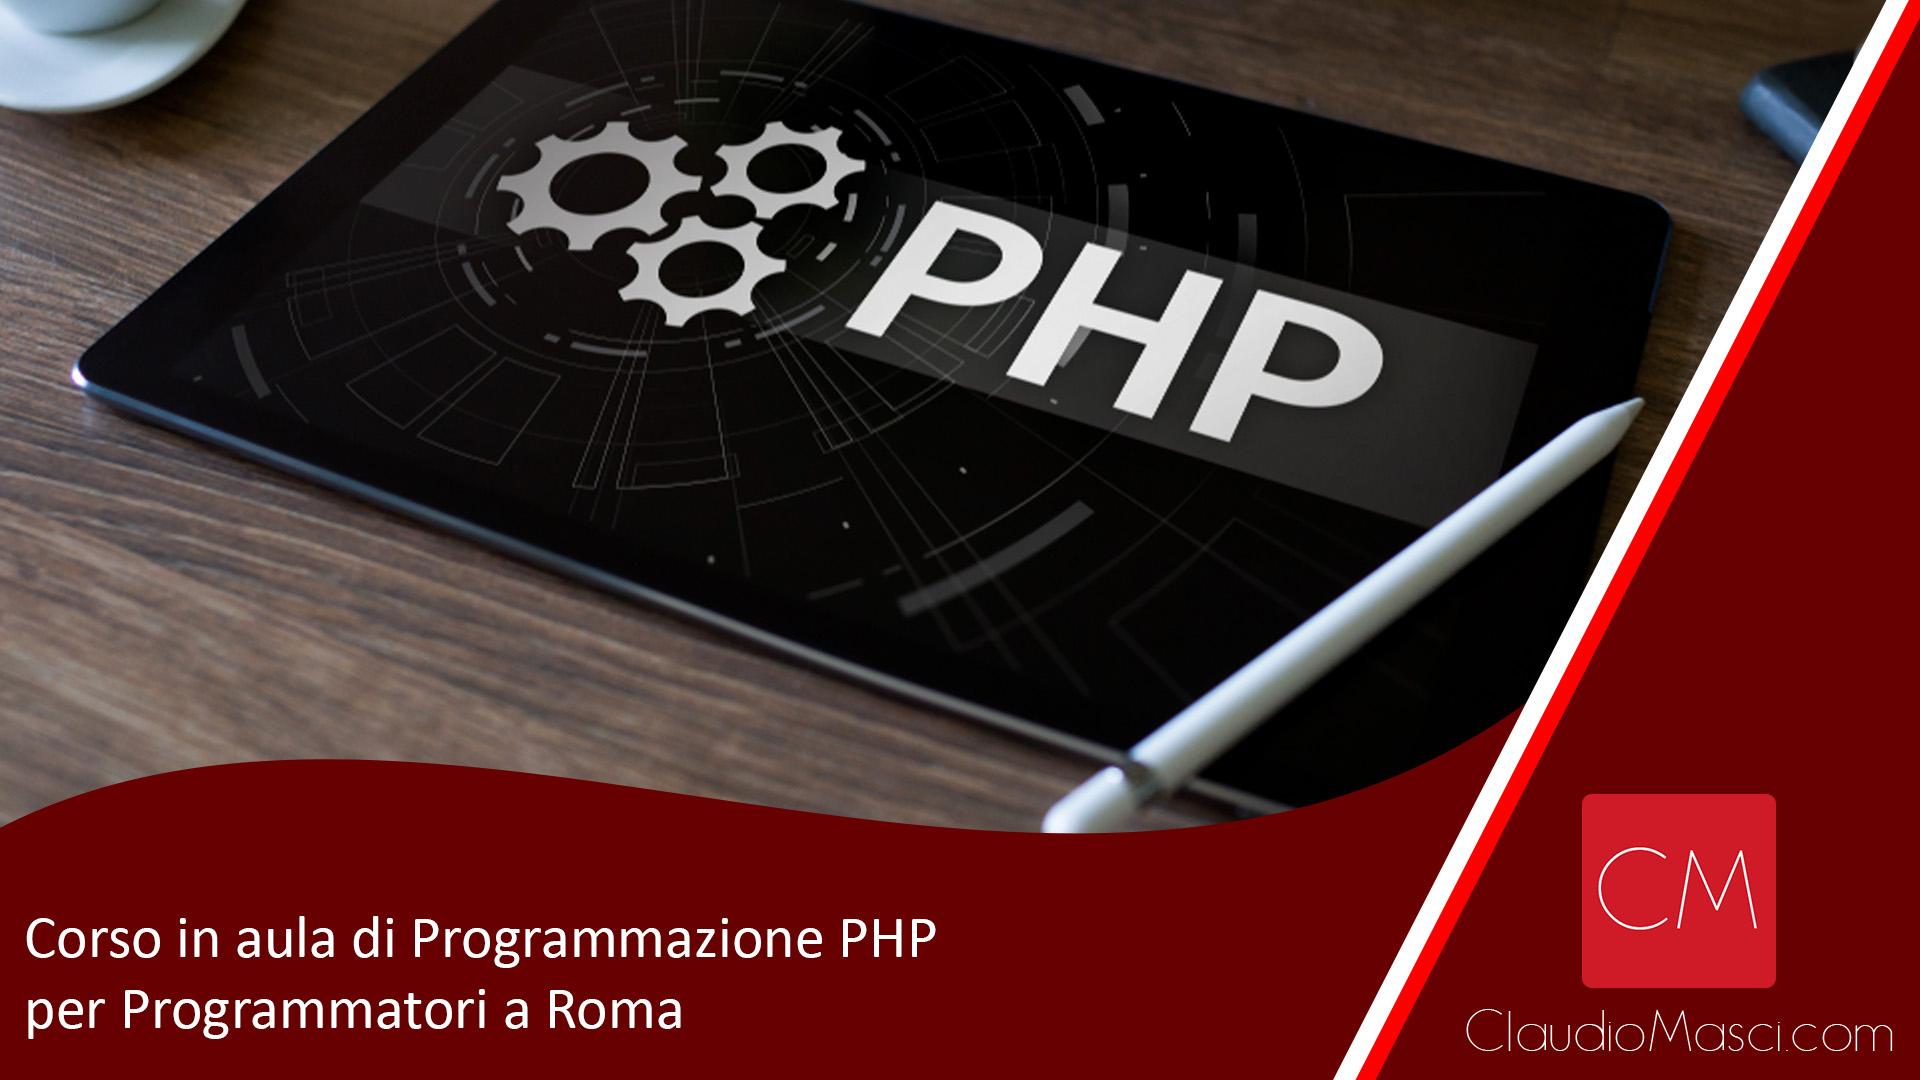 Corso in aula di Programmazione PHP per Programmatori a Roma